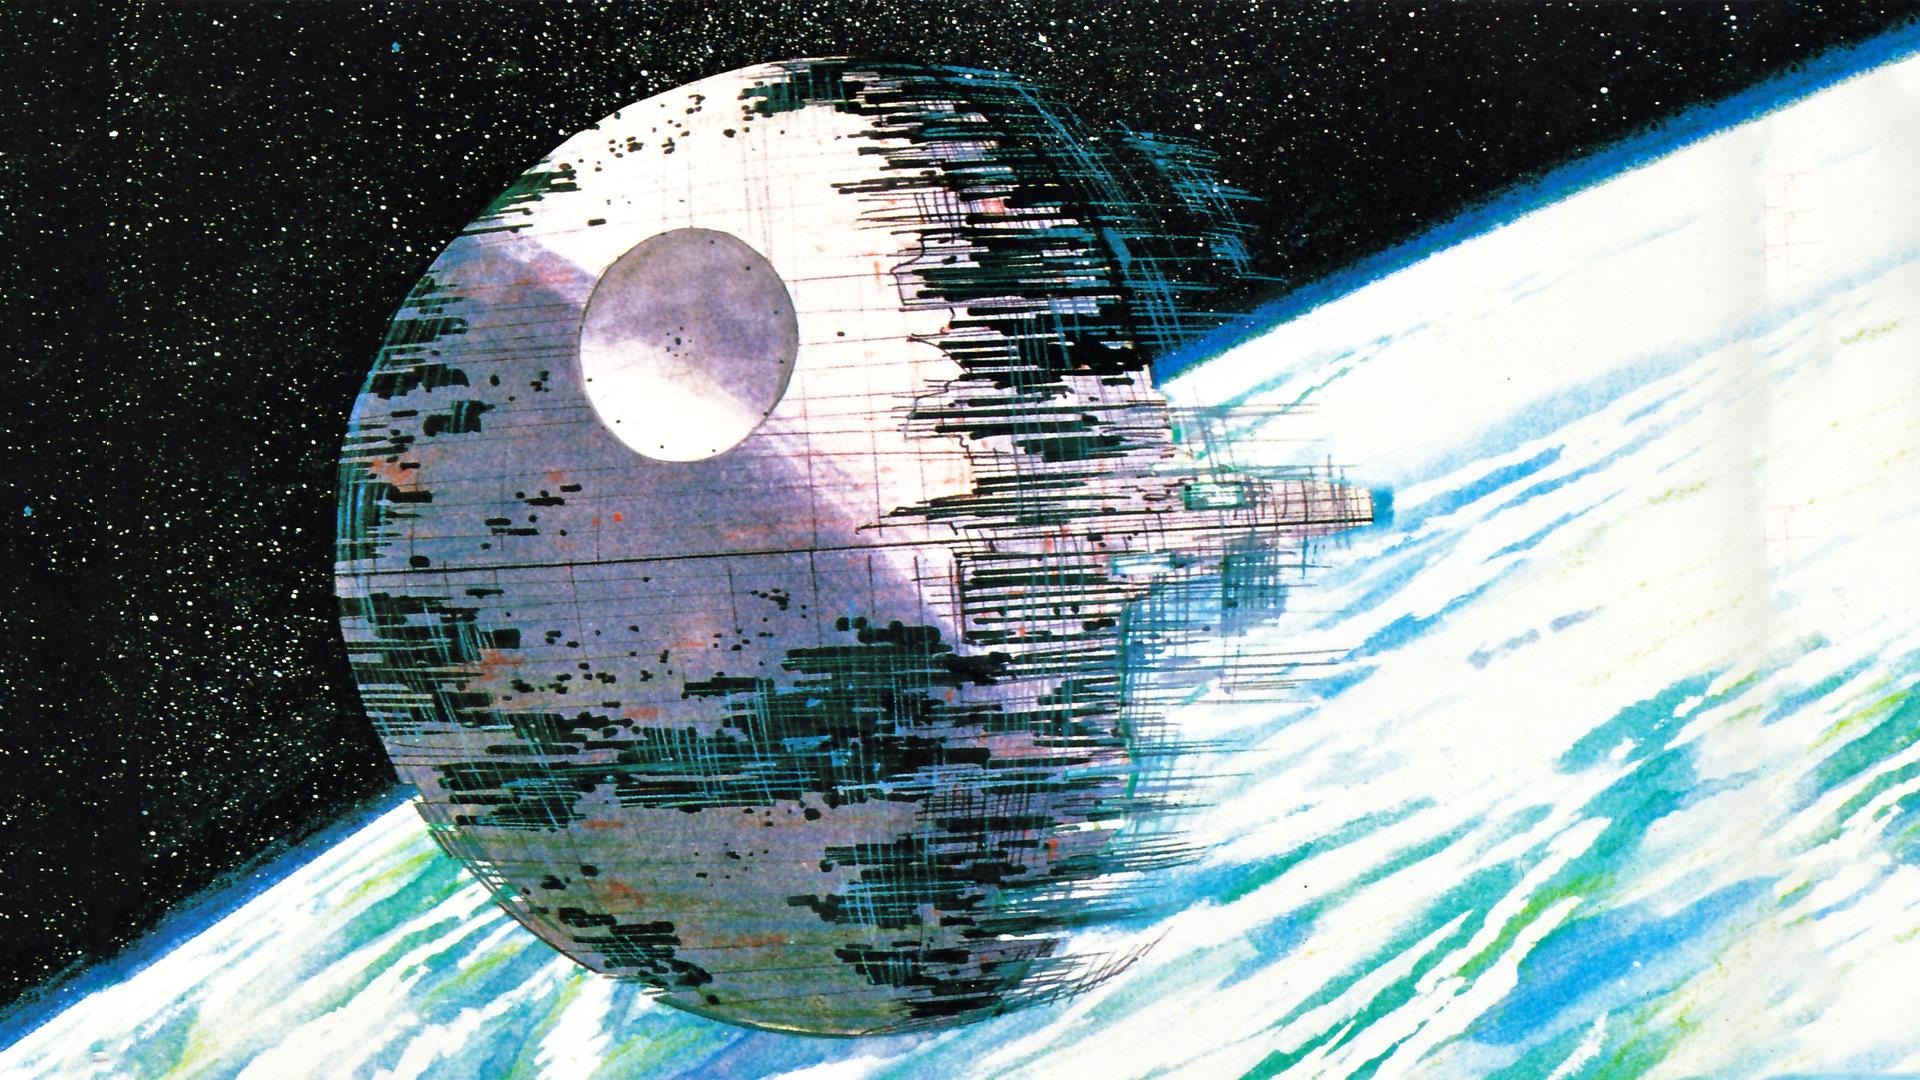 Star Wars Death Star Ralph McQuarrie wallpaper 1920x1080 209347 1920x1080